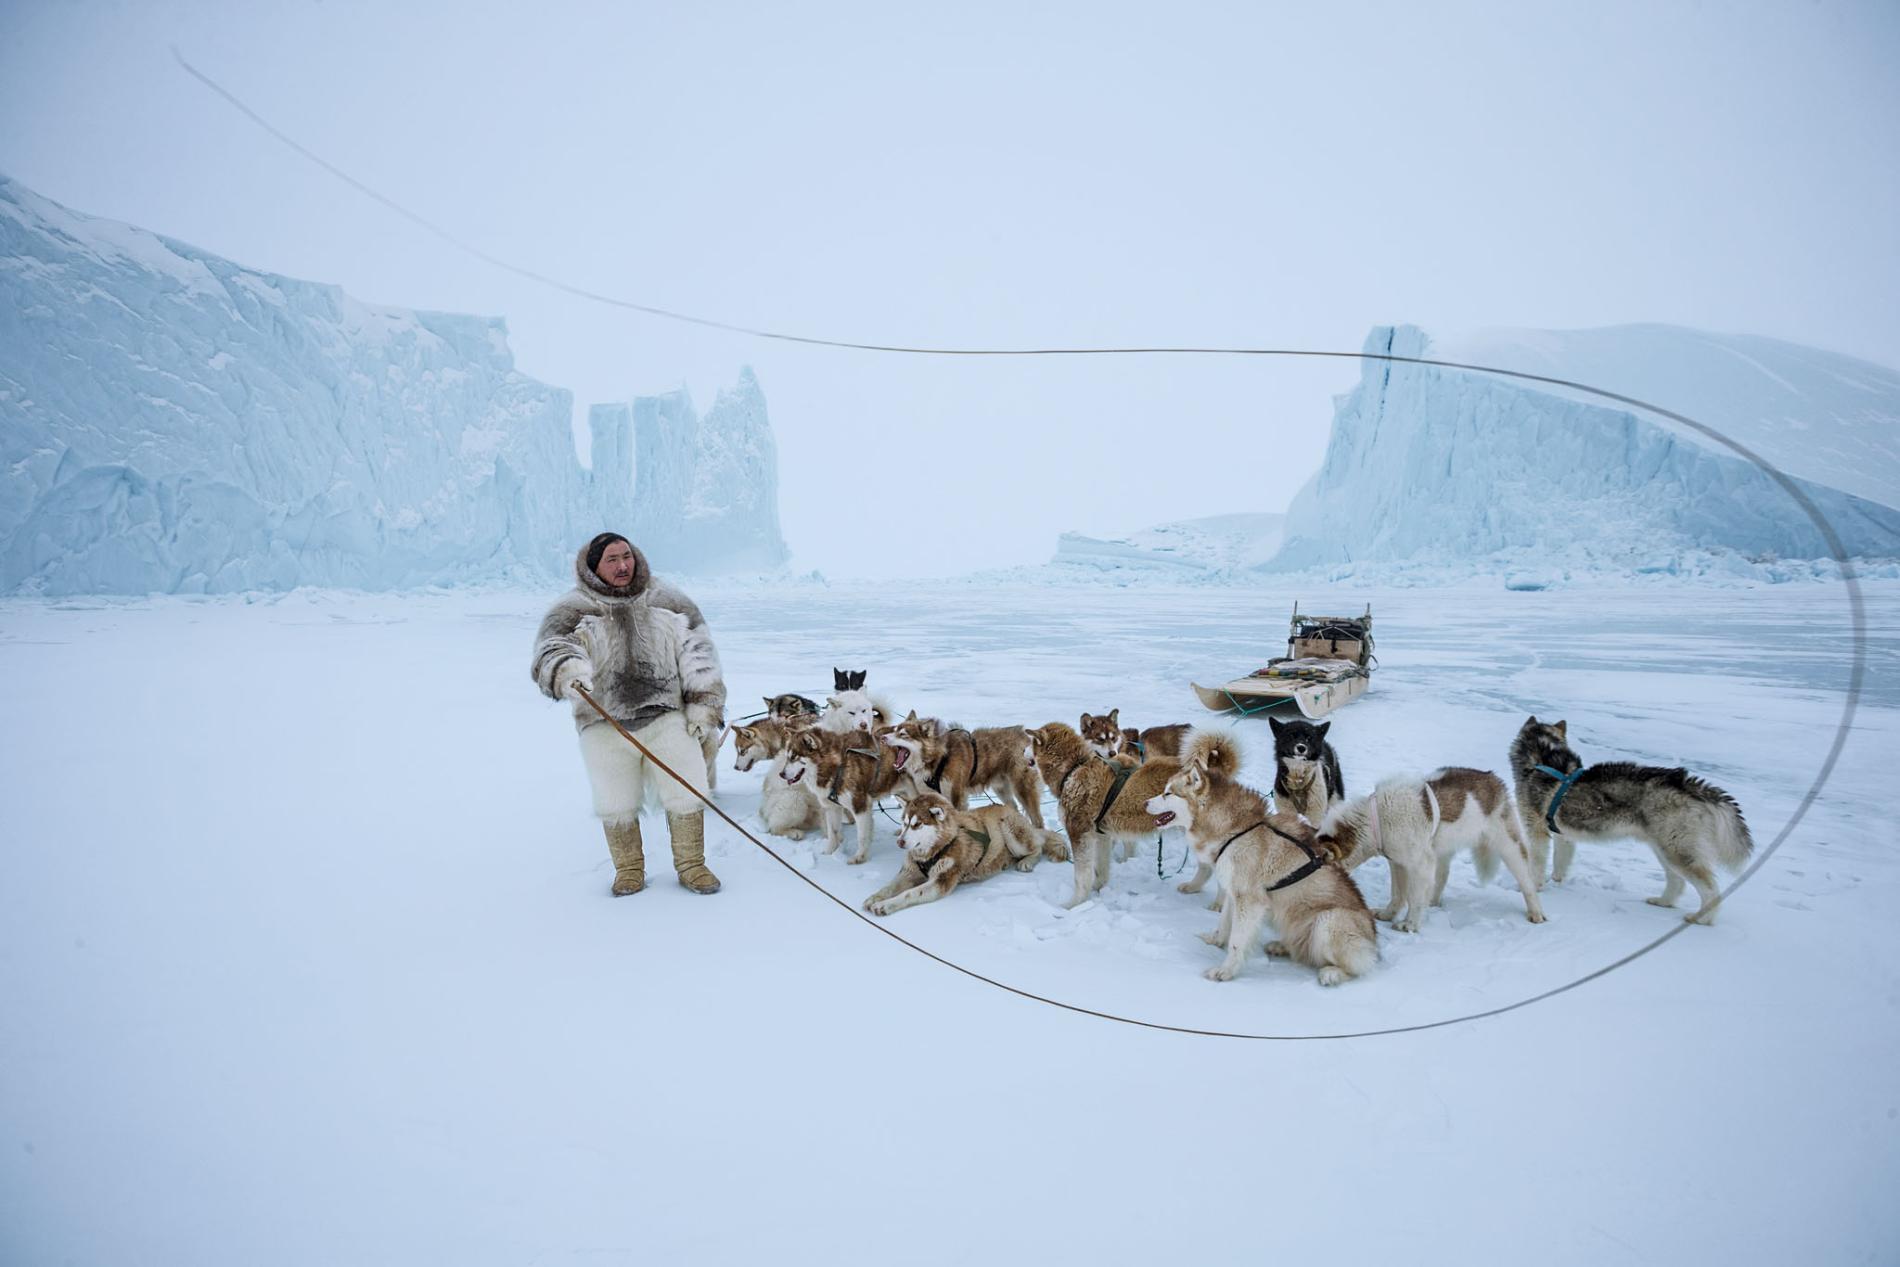 Нажмите на изображение для увеличения.  Название:last-ice-climate-change-snow-animals-2.adapt.1900.1.jpg Просмотров:6 Размер:136.8 Кб ID:215253